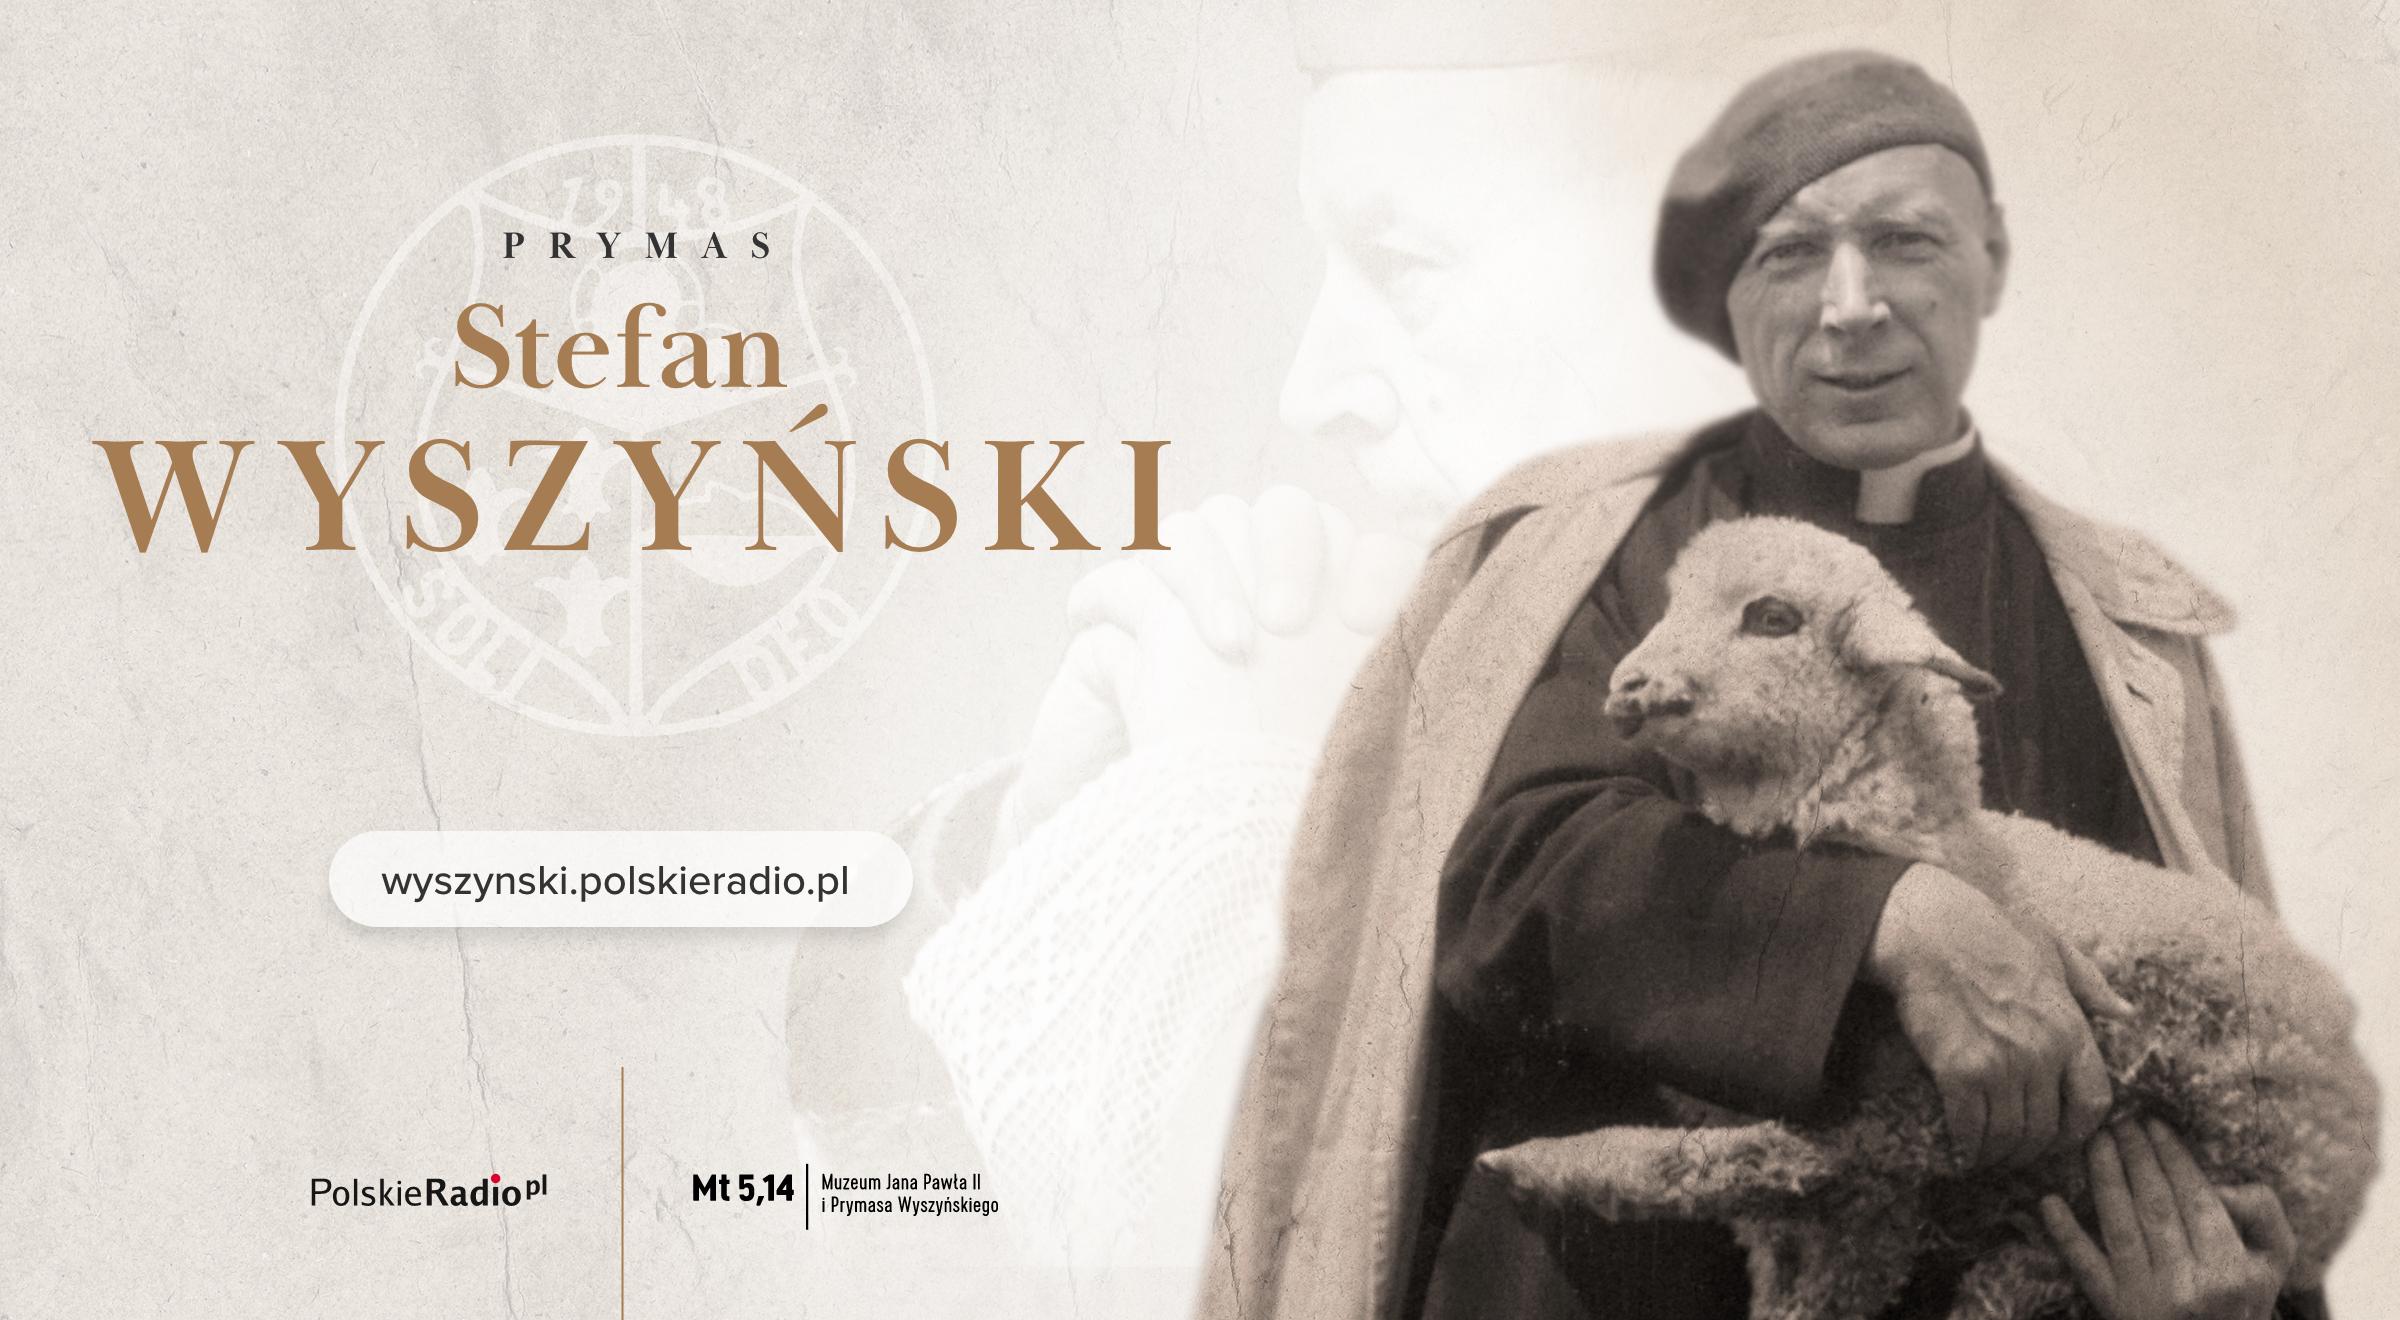 Wyszyński-1200x660.jpg